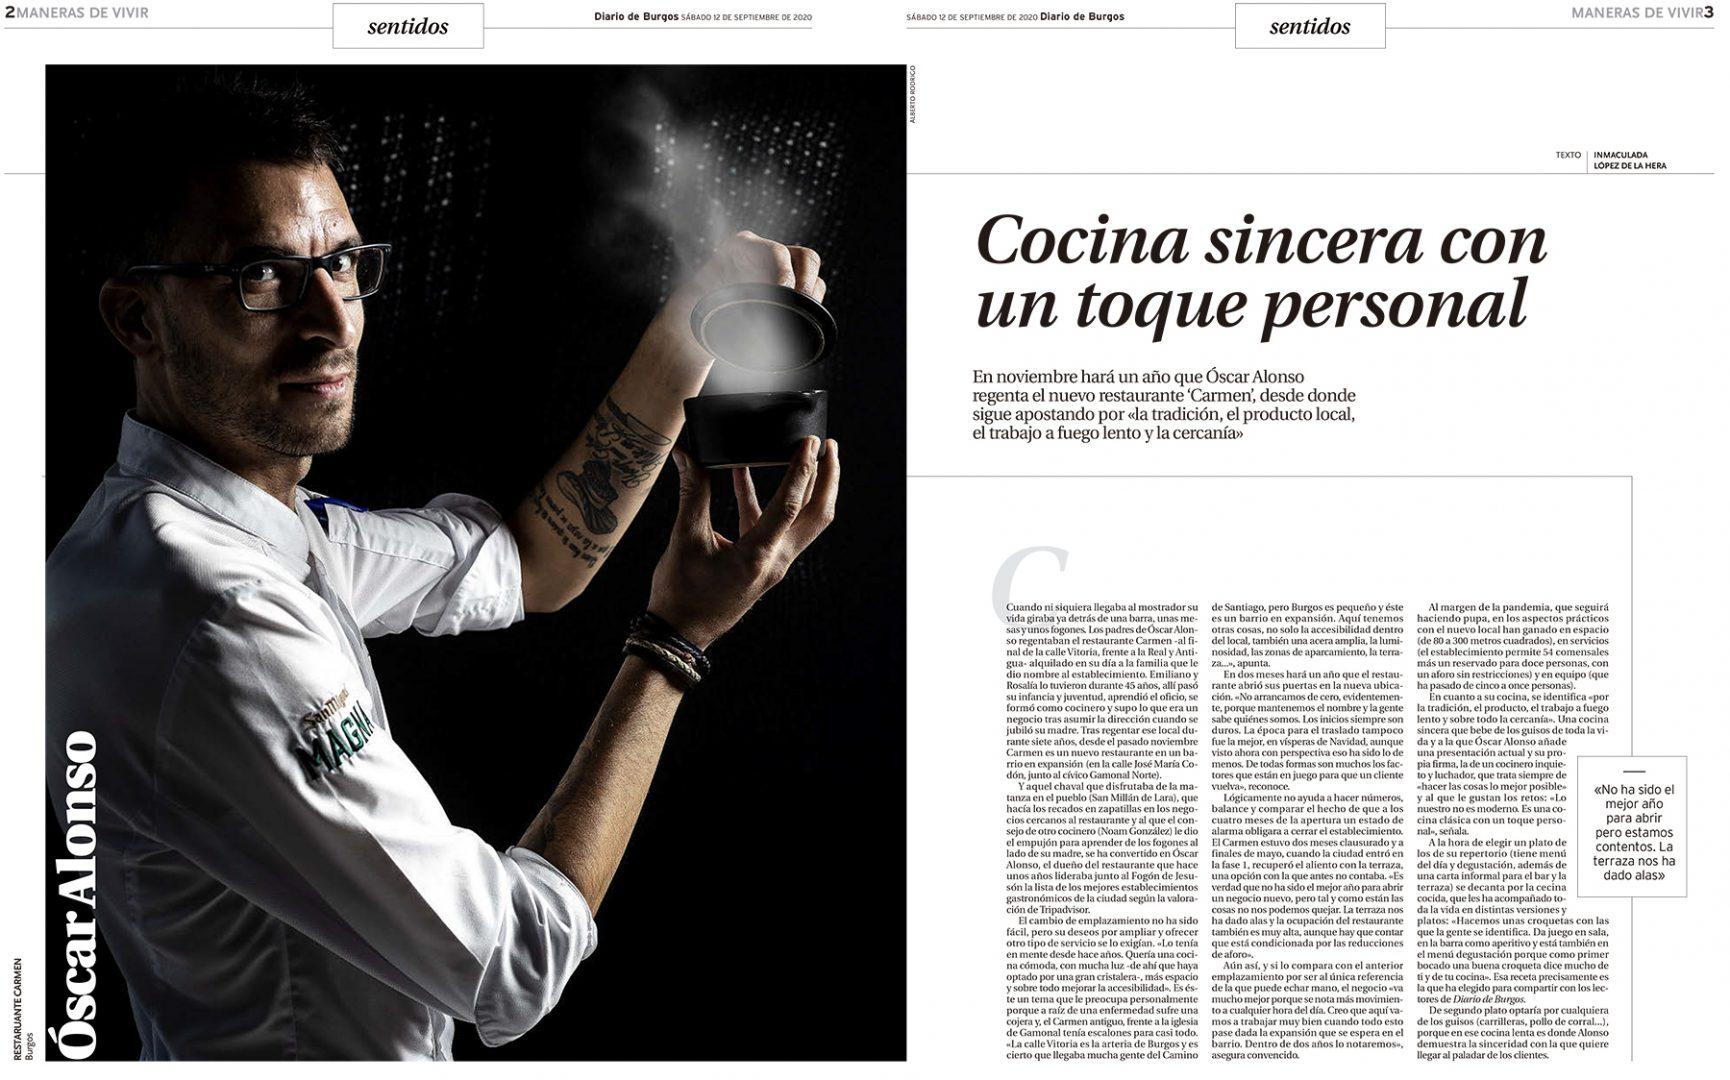 Carmen Restaurante - Diario de Burgos